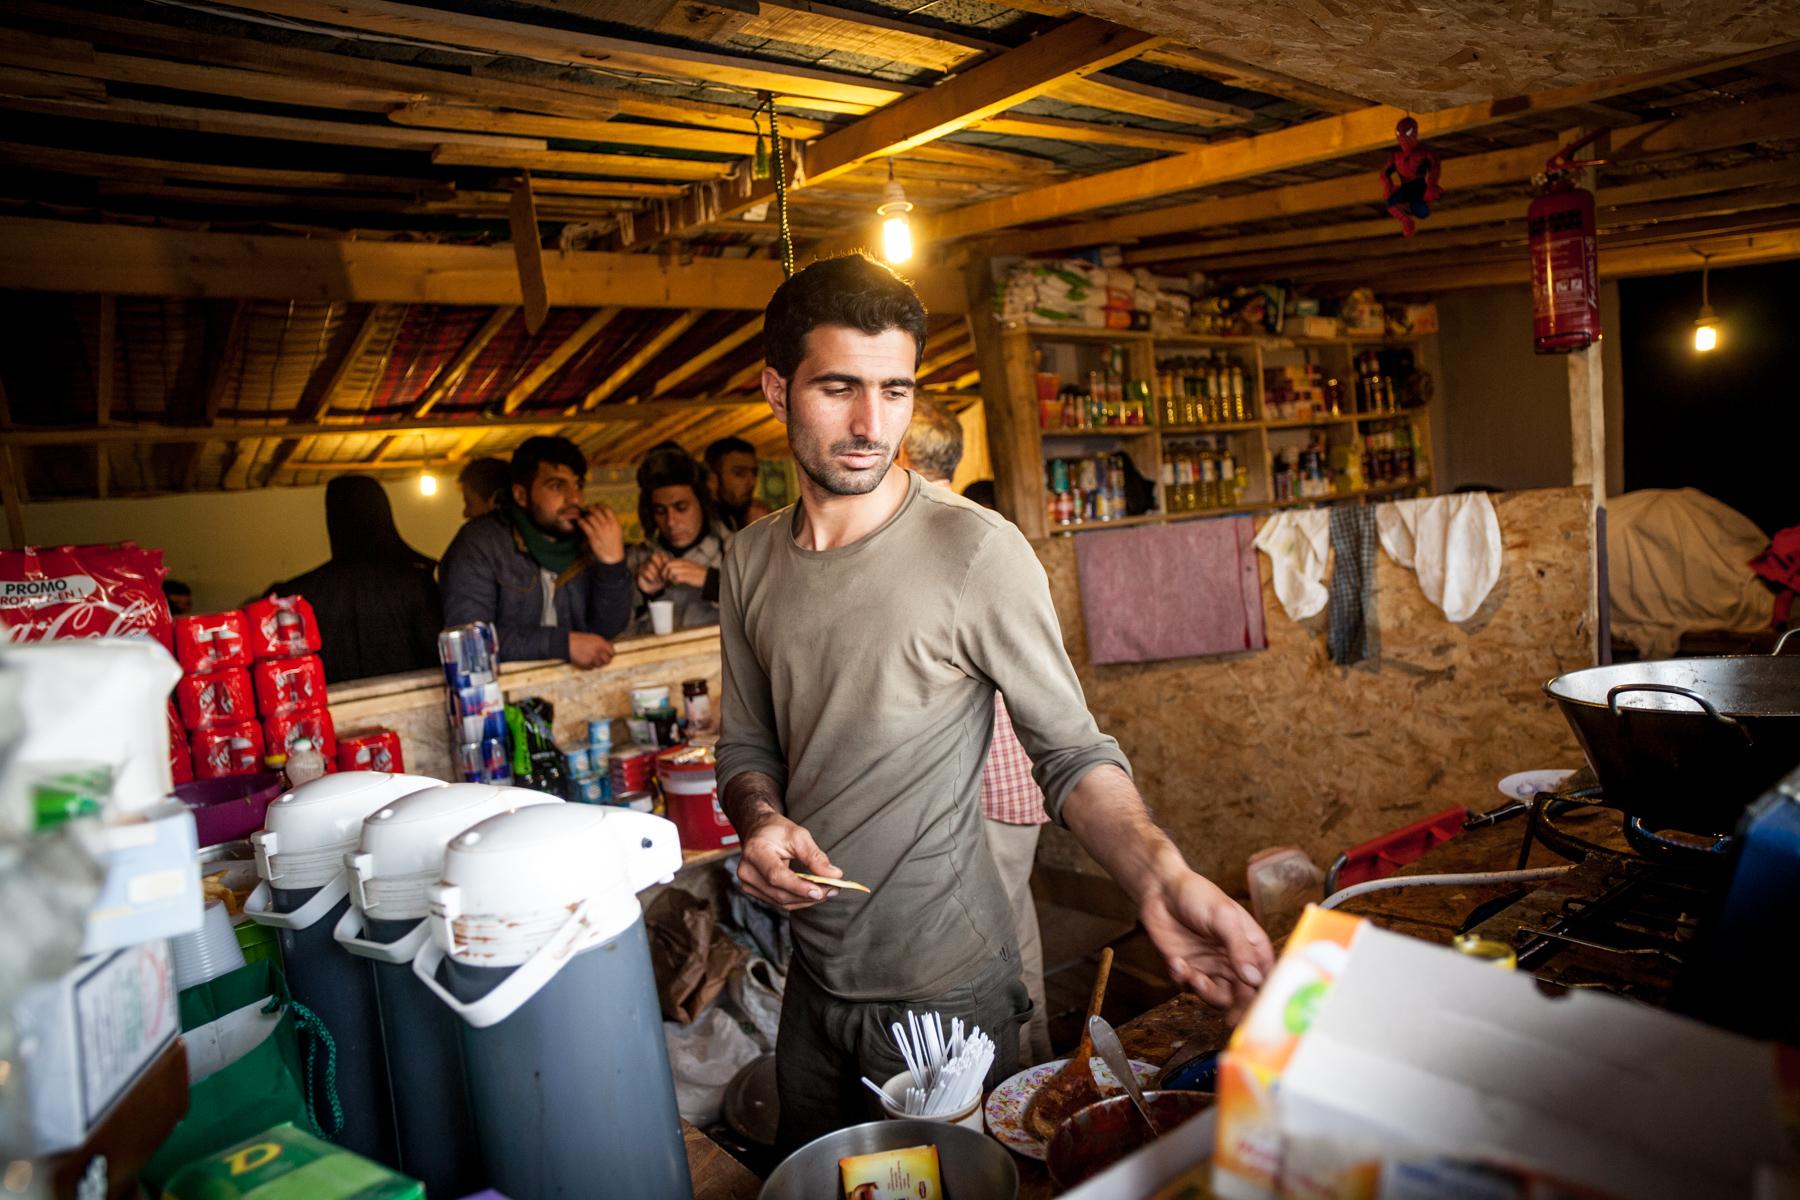 Dans le quartier afghan, certains restaurants affichent déjà une quinzaine de clients faisant la queue à 17h. Des frites, du café, ou des sodas sont vendus.  Le Monde - 13.10.15